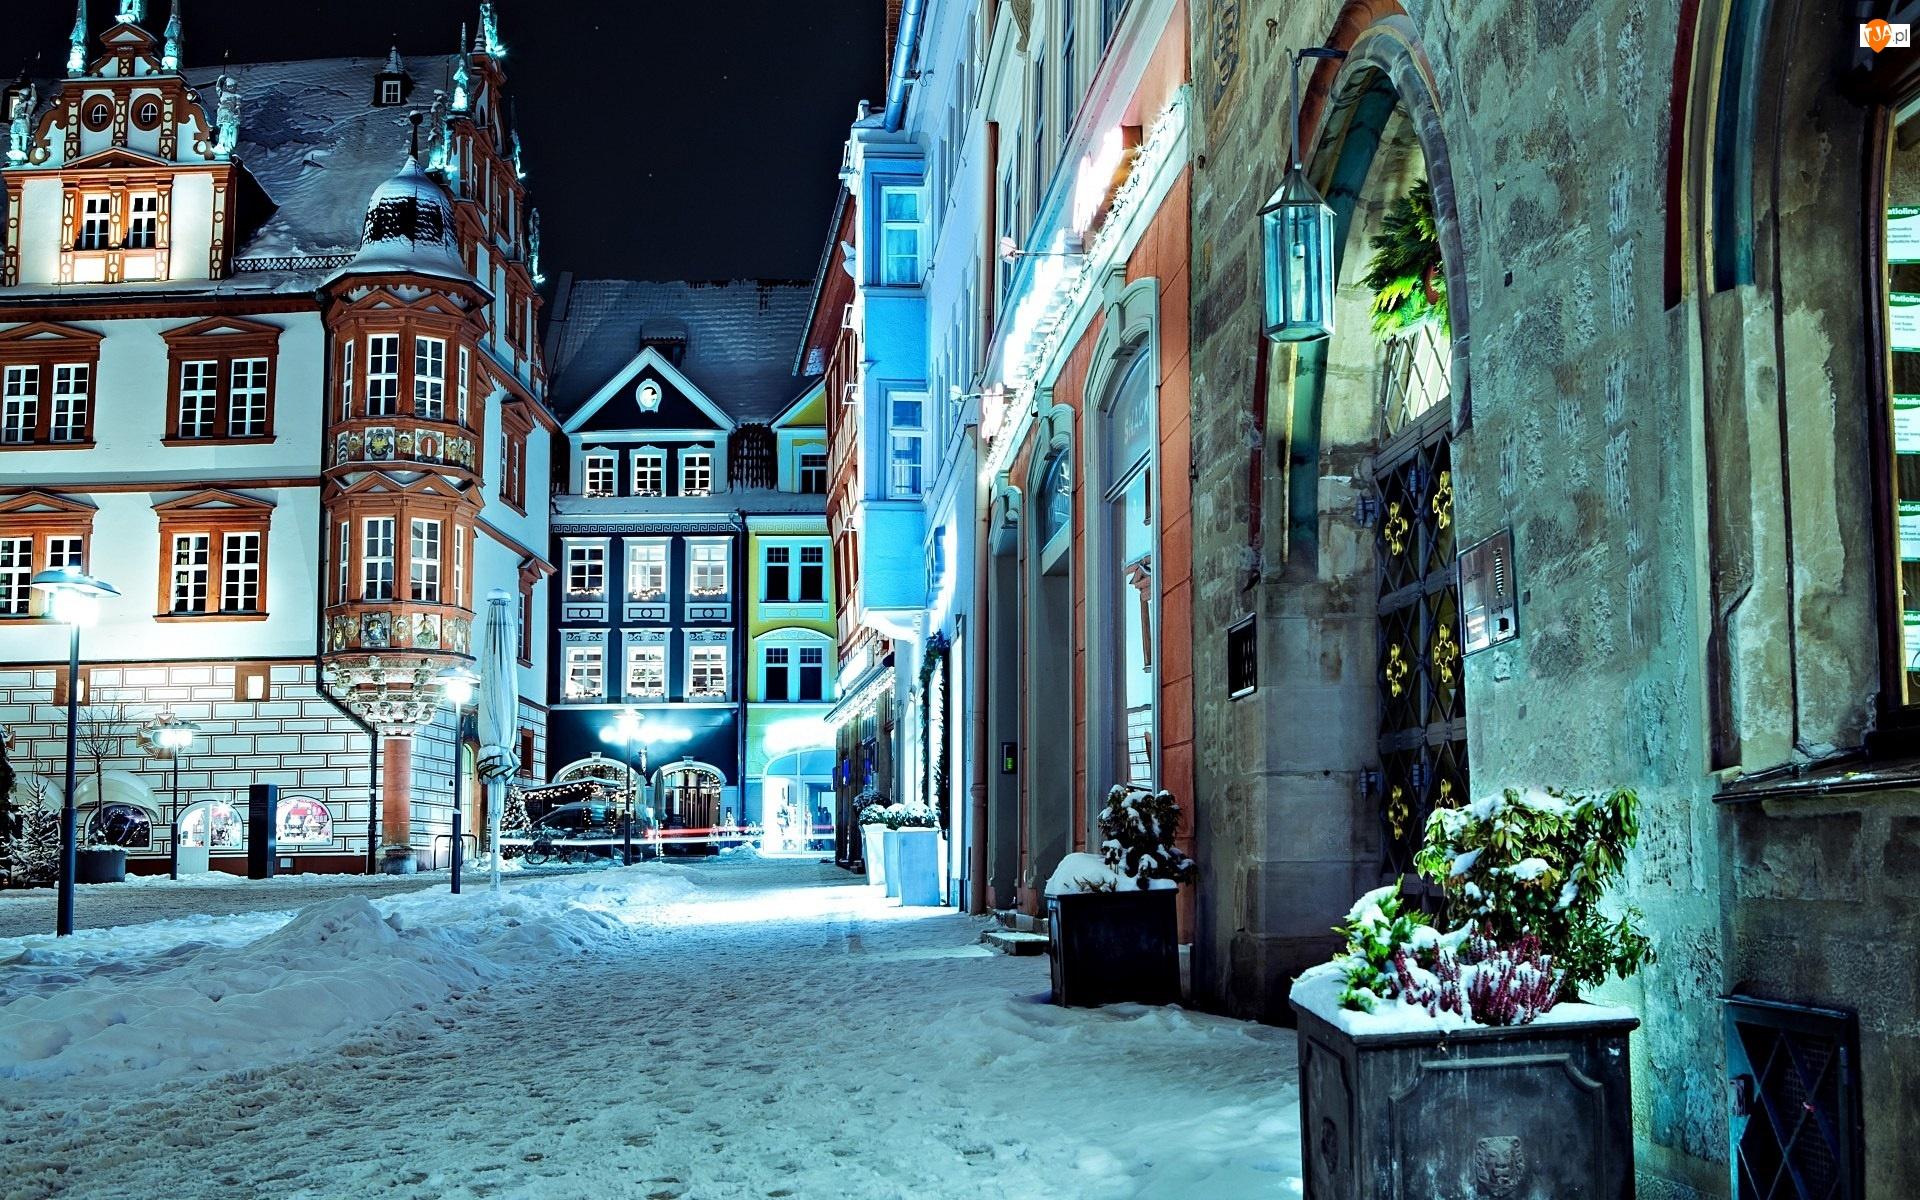 Niemcy, Zima, Ulica, Domy, Noc